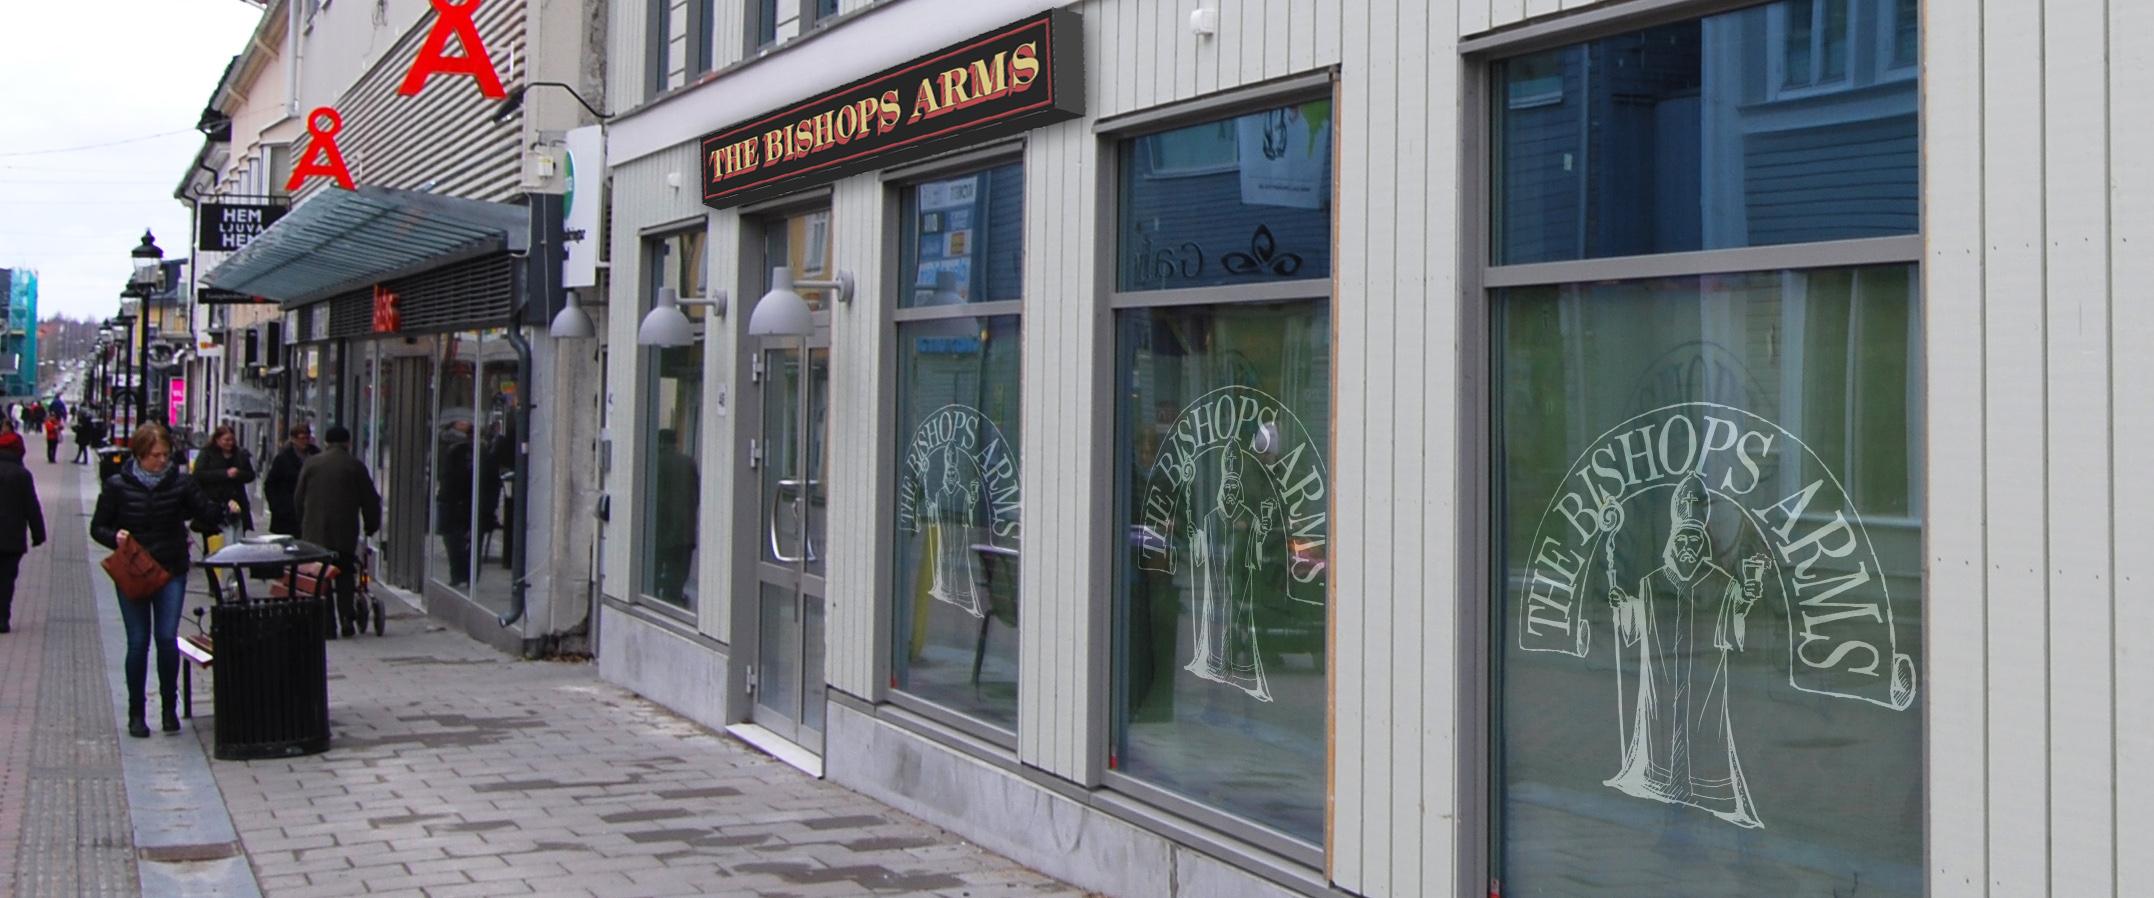 Exteriör Bishops Arms